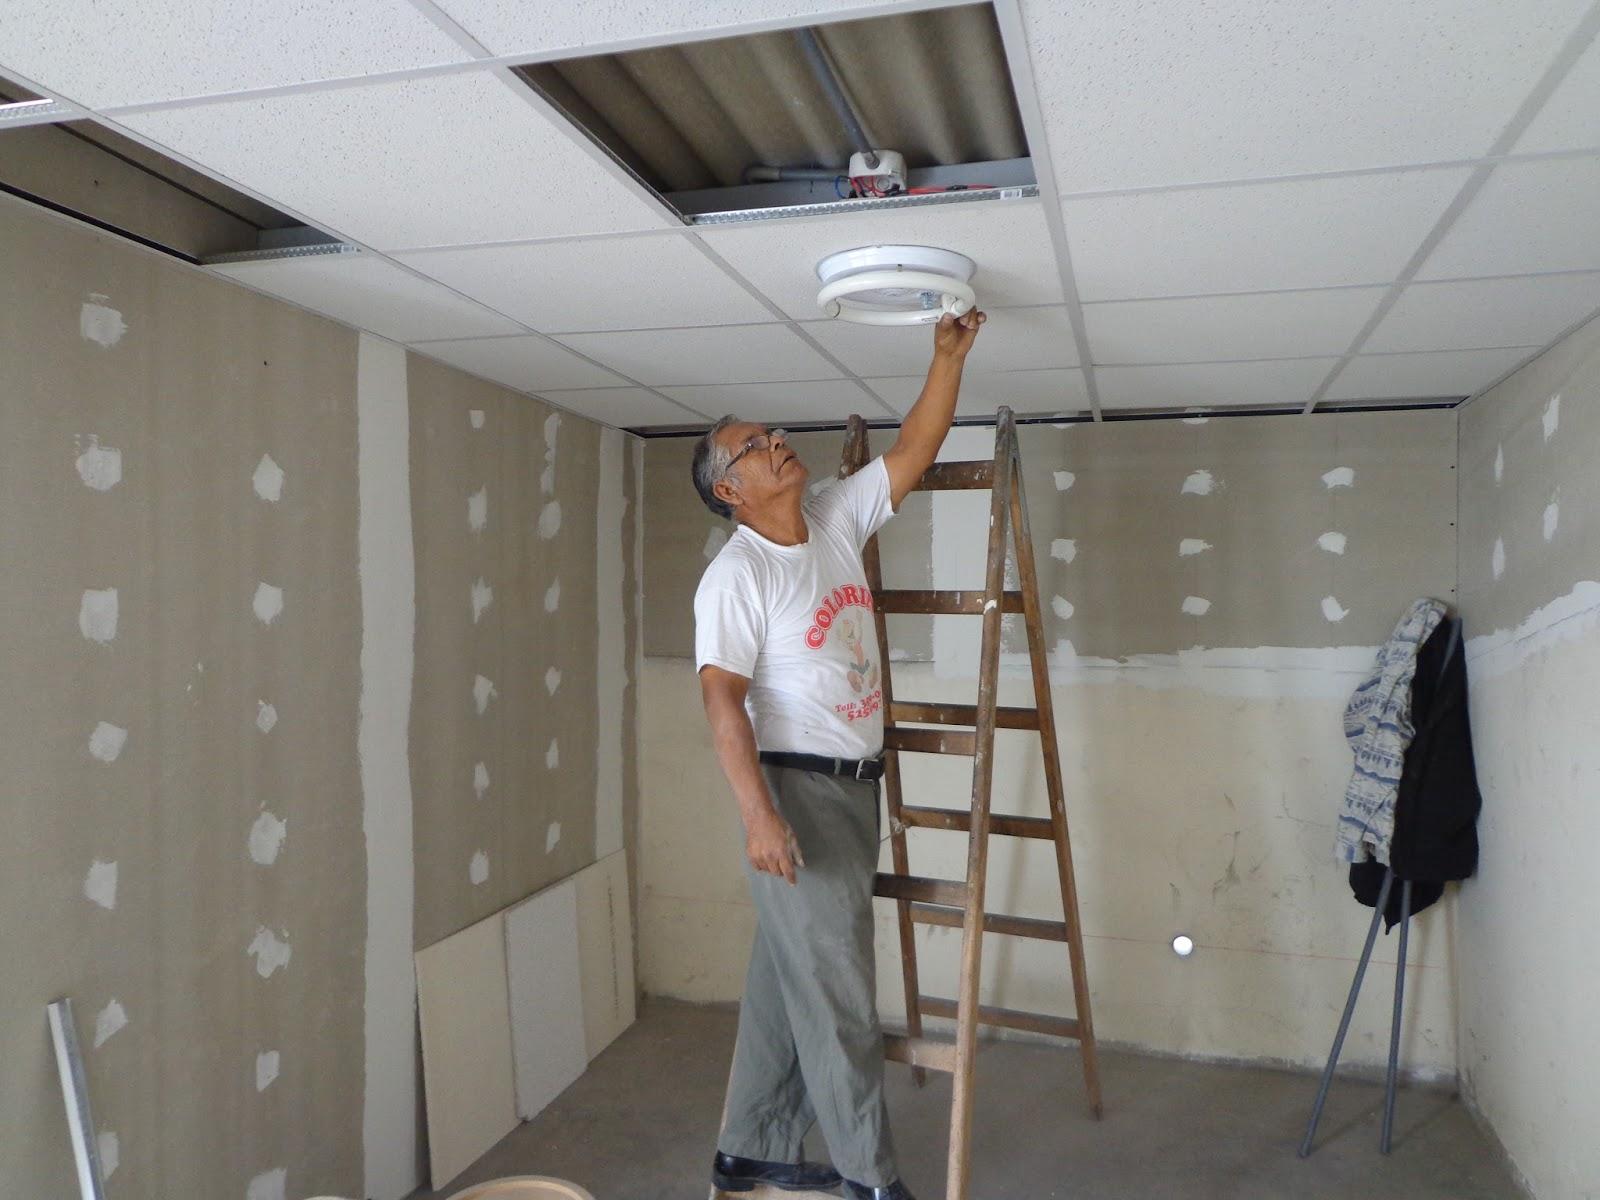 Drywall estructuras met licas electricidad sanitarios lima for Modelos de gibson para techos